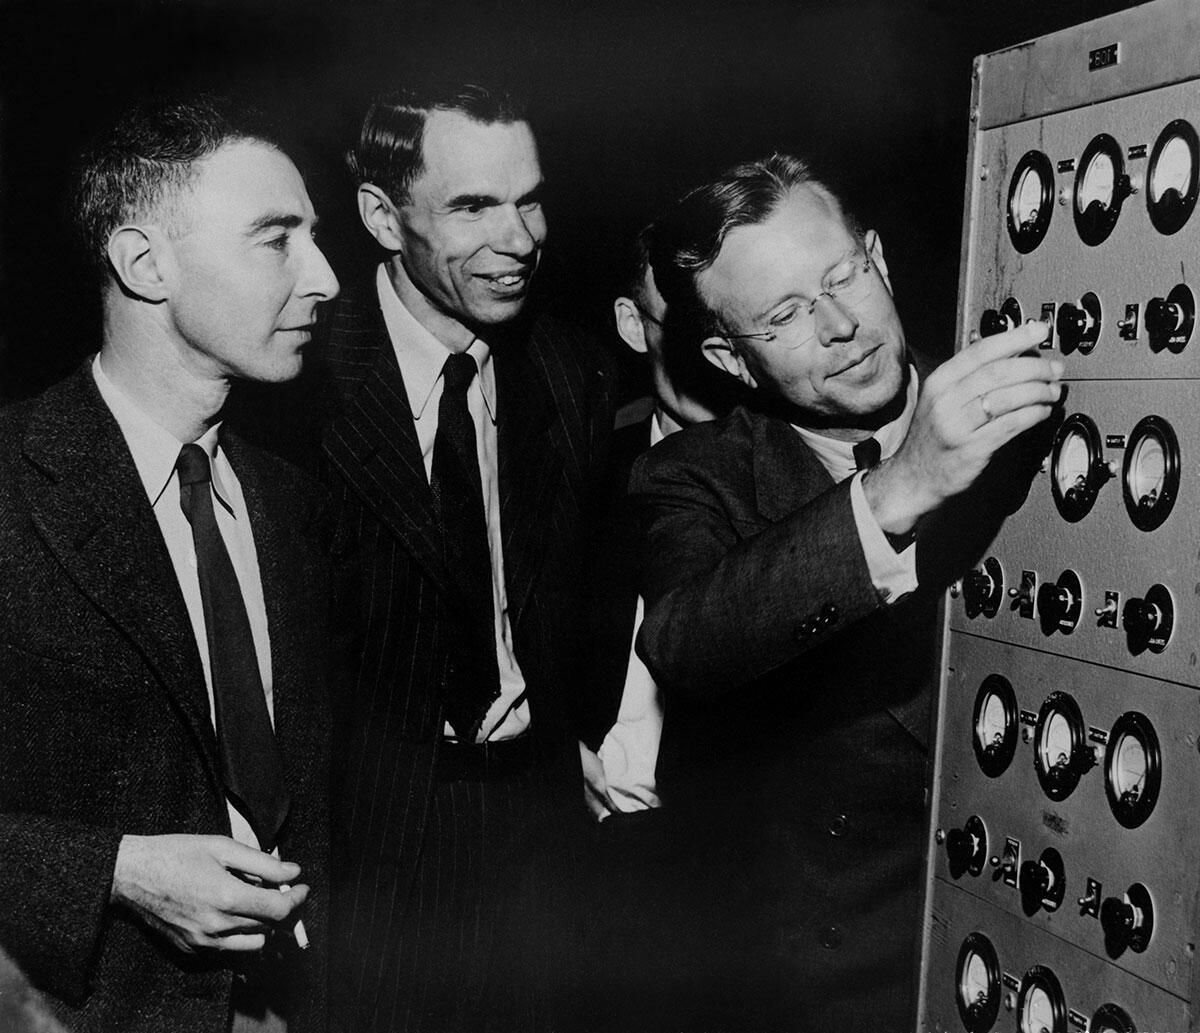 Ernest O. Lawrence, Glenn T. Seaborg, and J. Robert Oppenheimer in early 1946